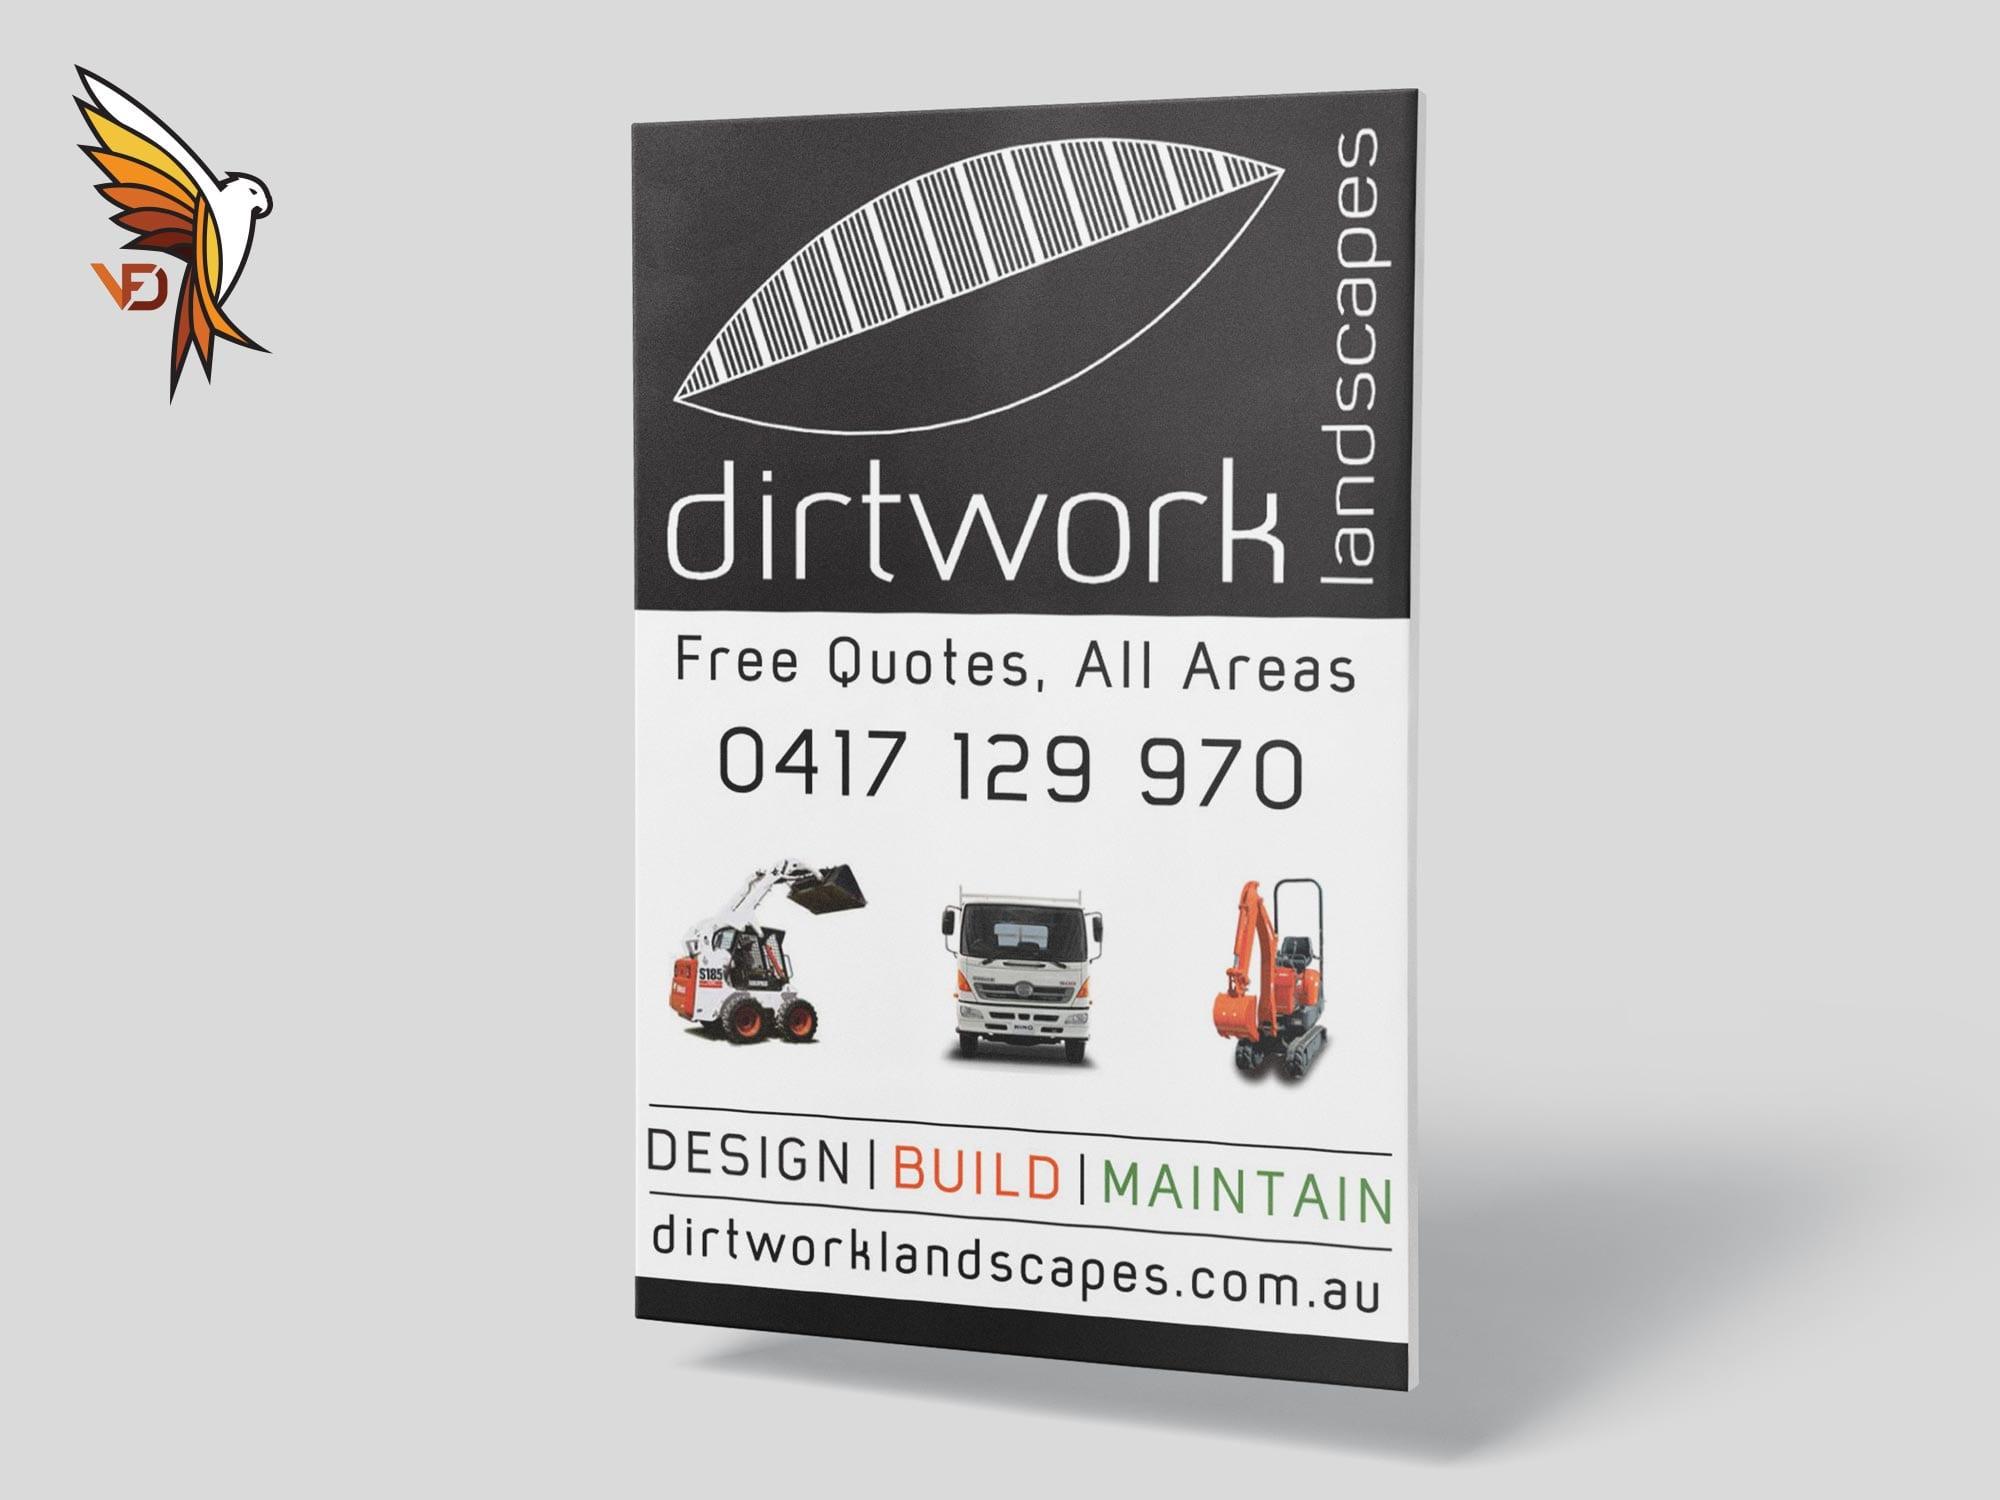 Dirtwork Landscapes - Pull Up Banner